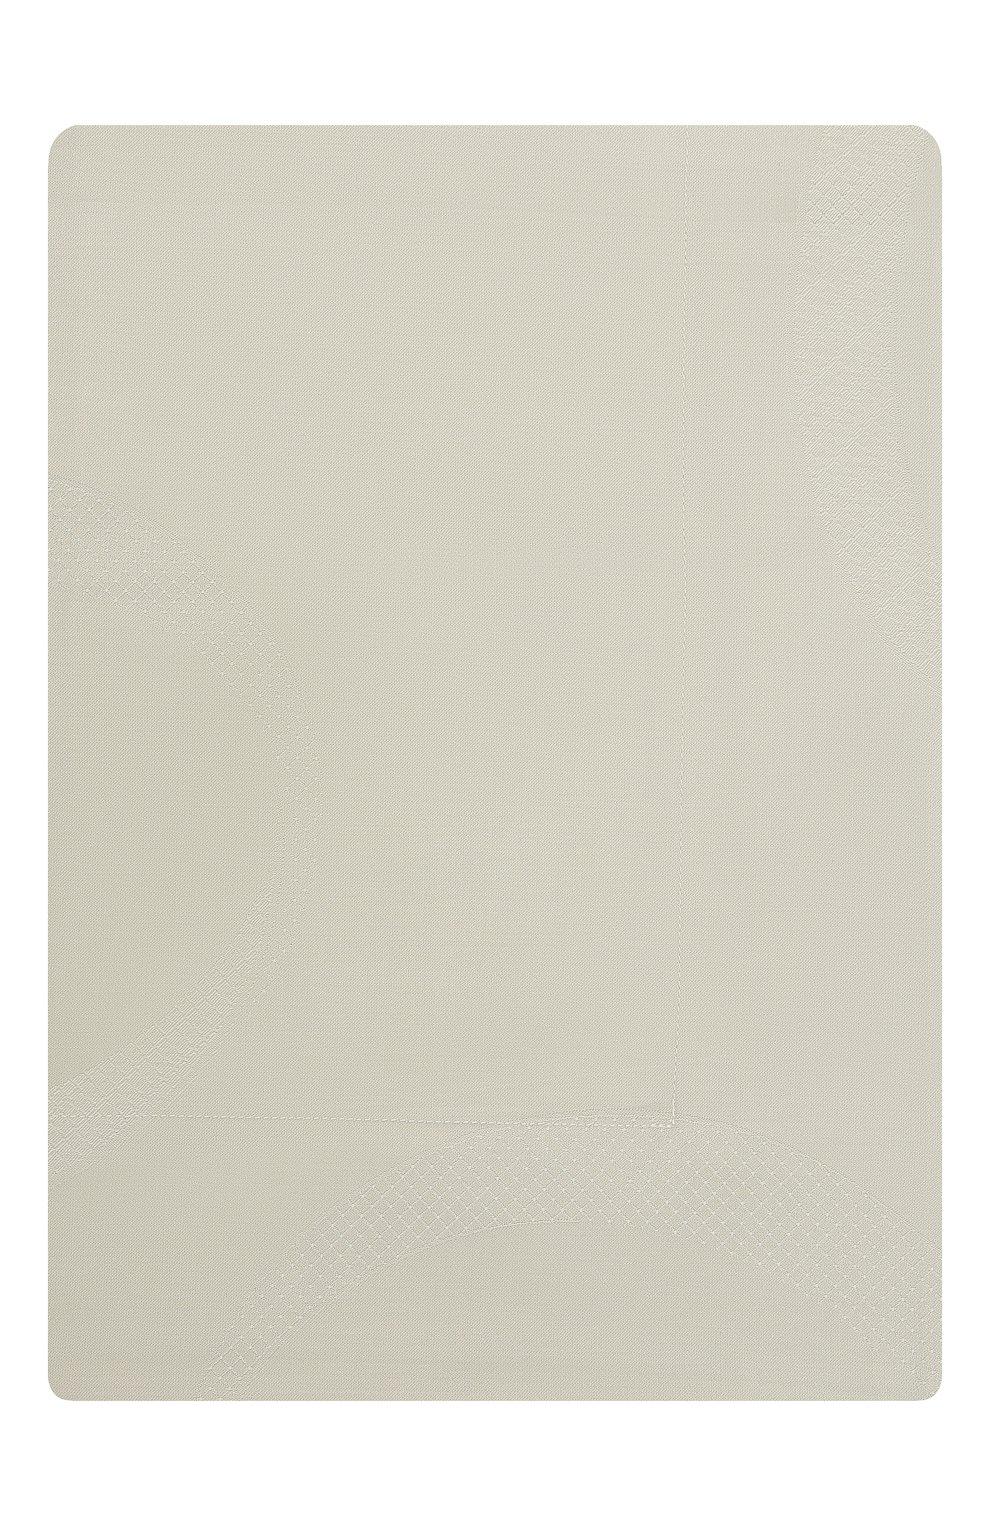 Мужского комплект постельного белья из 4-х предметов FRETTE зеленого цвета, арт. FR6596 E3454 240B | Фото 4